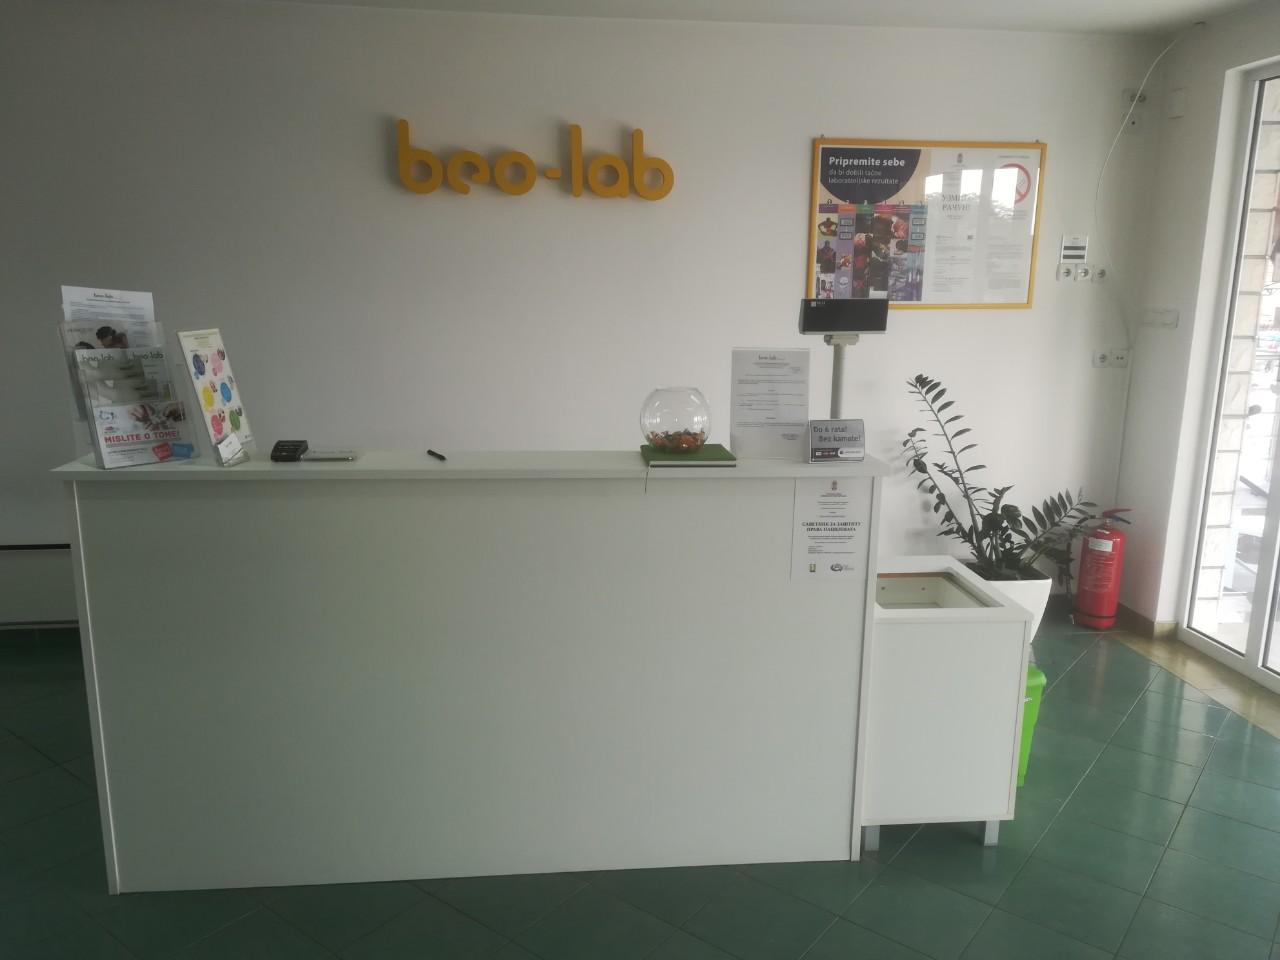 Beo-lab laboratorija Kaluđerica, Smederevski put 24b 2